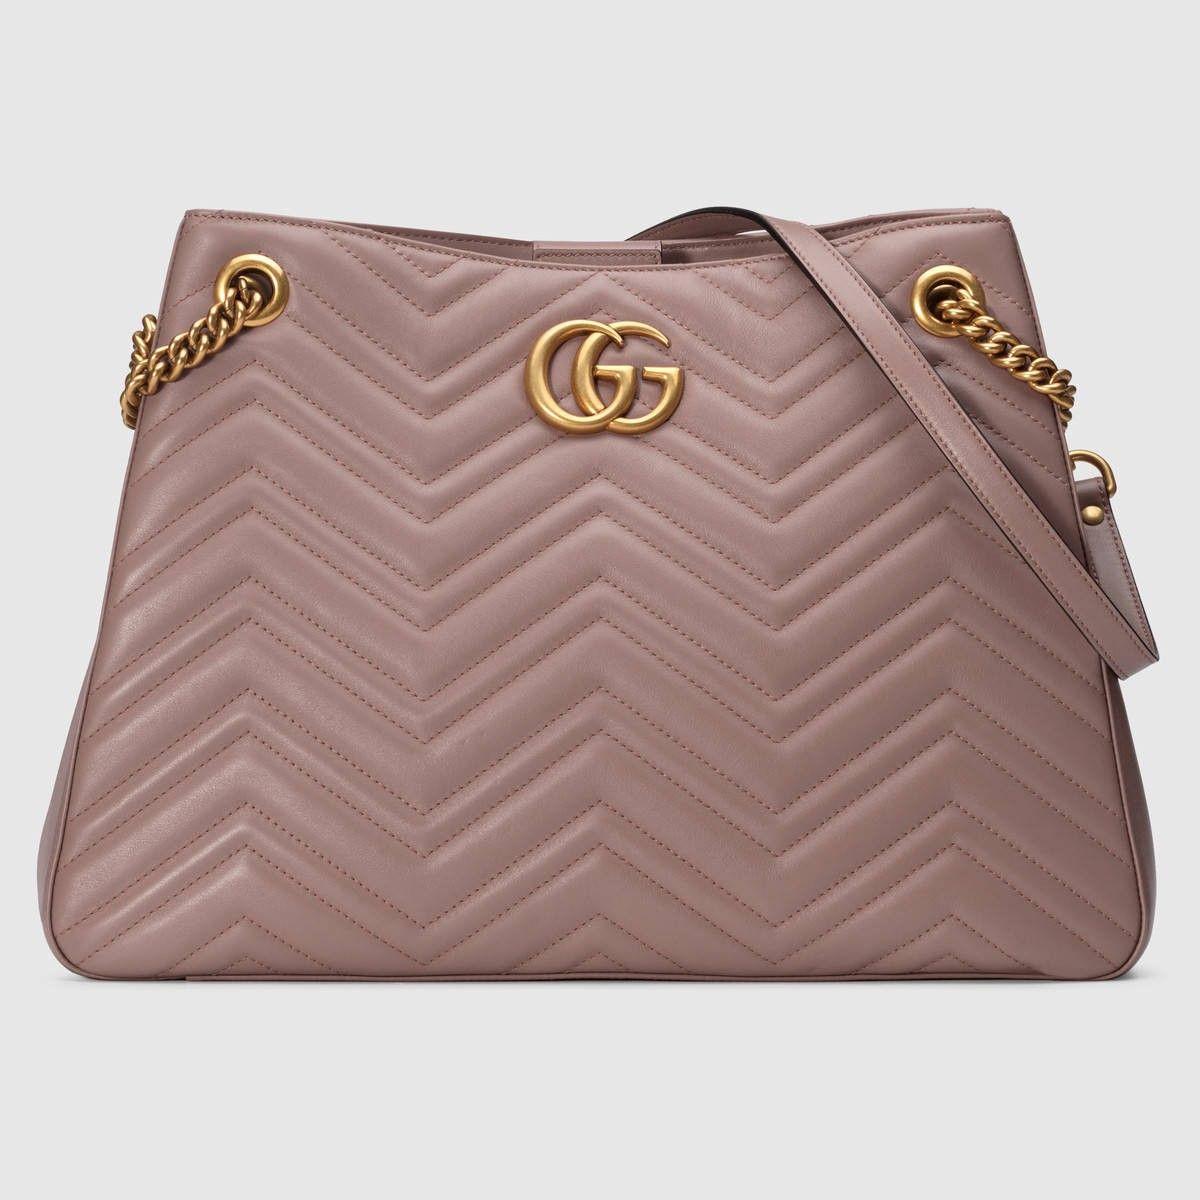 b590f3ce7080d8 GUCCI Gg Marmont Matelassé Shoulder Bag - Nude Matelassé Leather. #gucci # bags #shoulder bags #lining #suede #